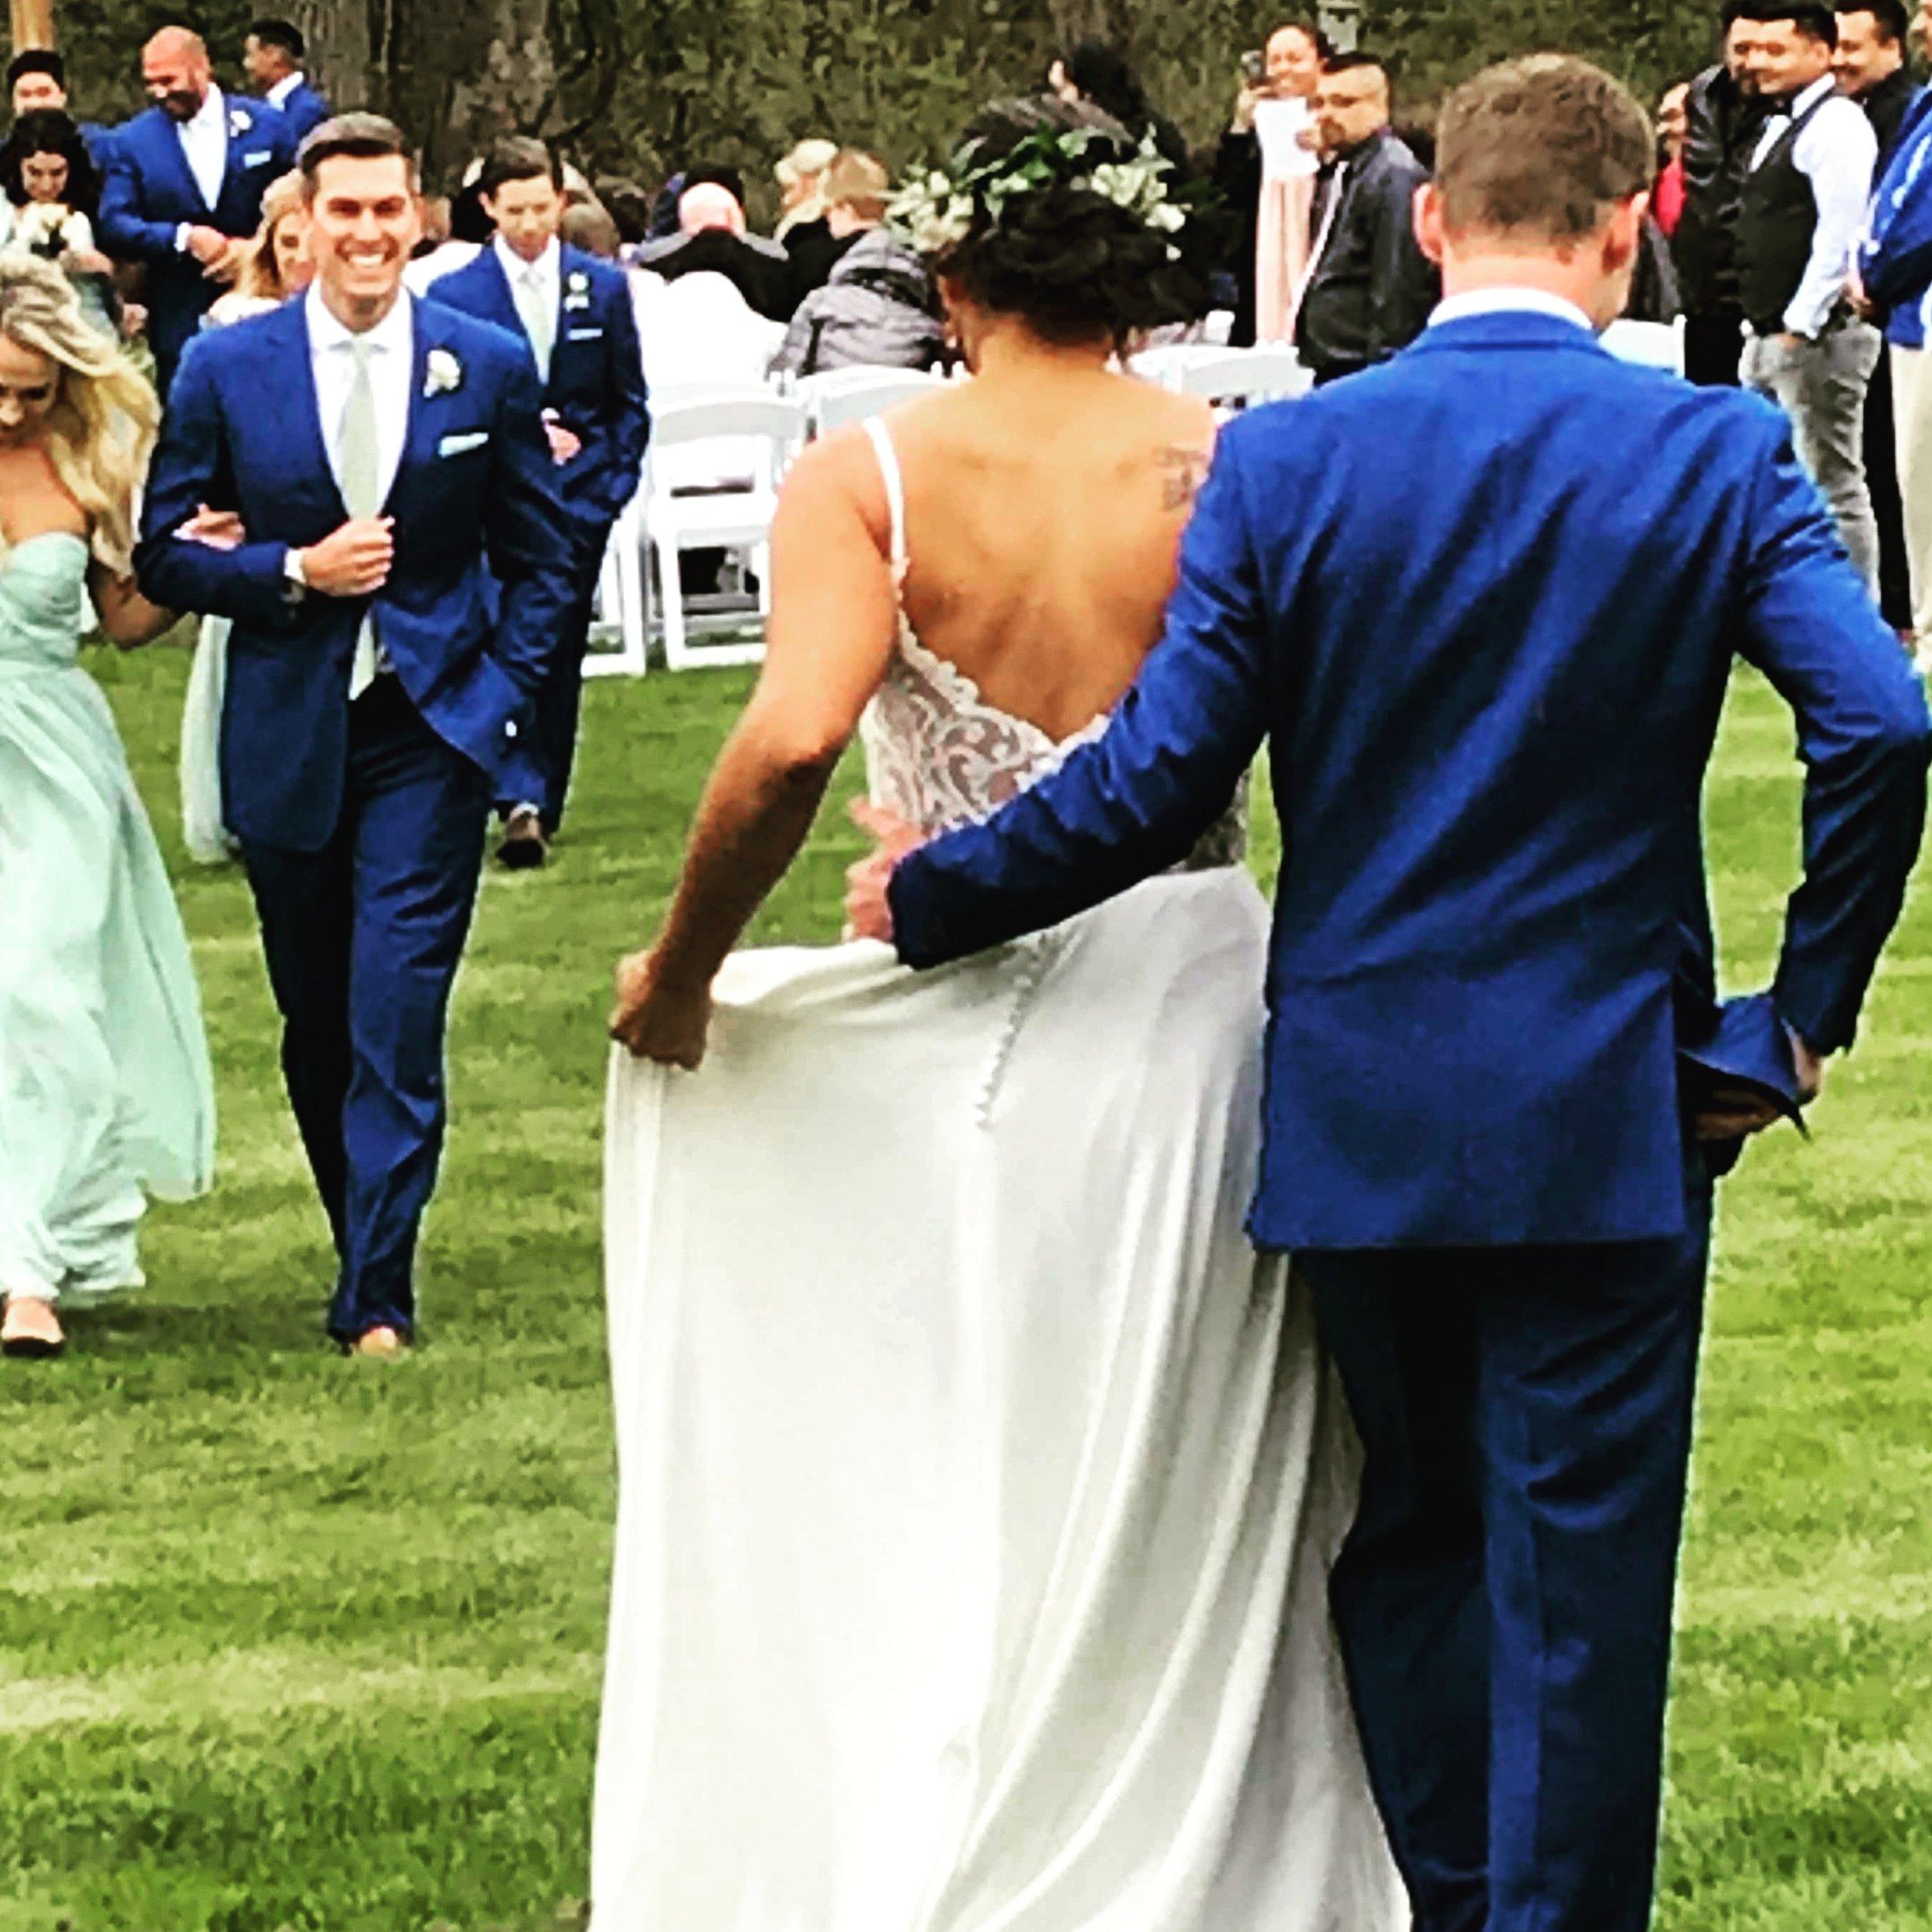 bride-groom-aisle-walk.jpg